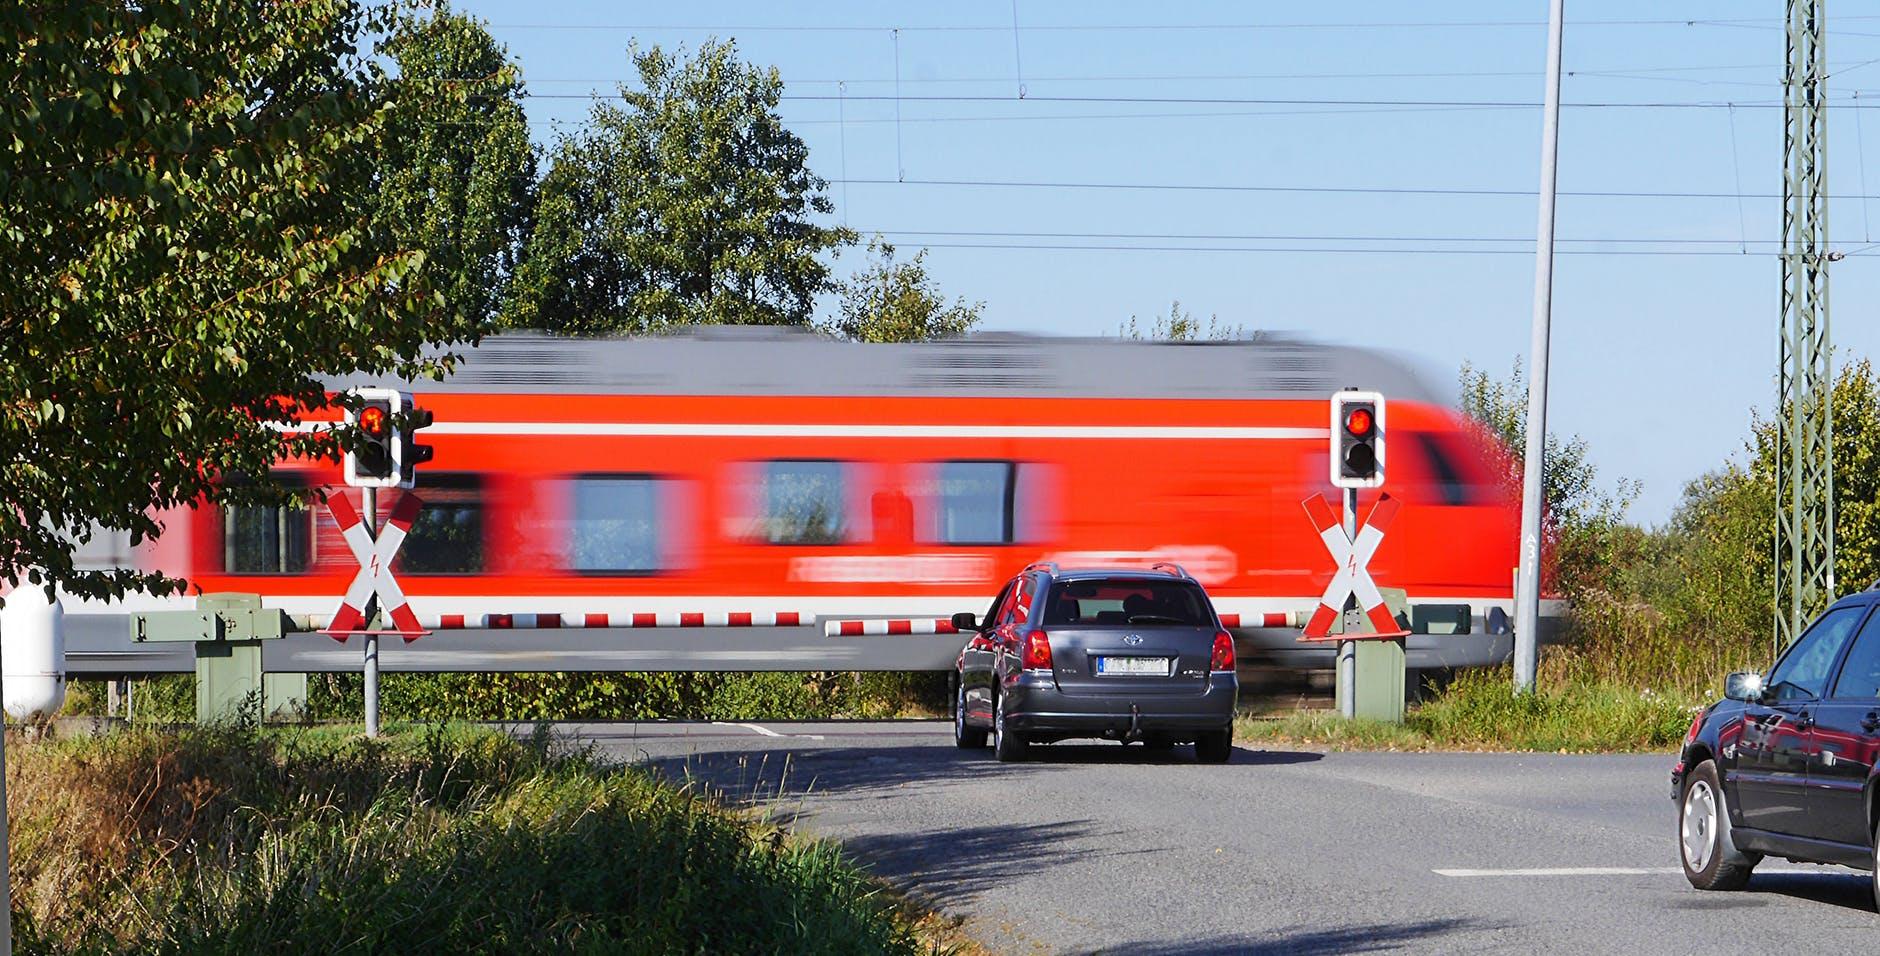 Będzie więcej mandatów za wykroczenia na przejazdach kolejowych. Staną przy nich nowe fotoradary